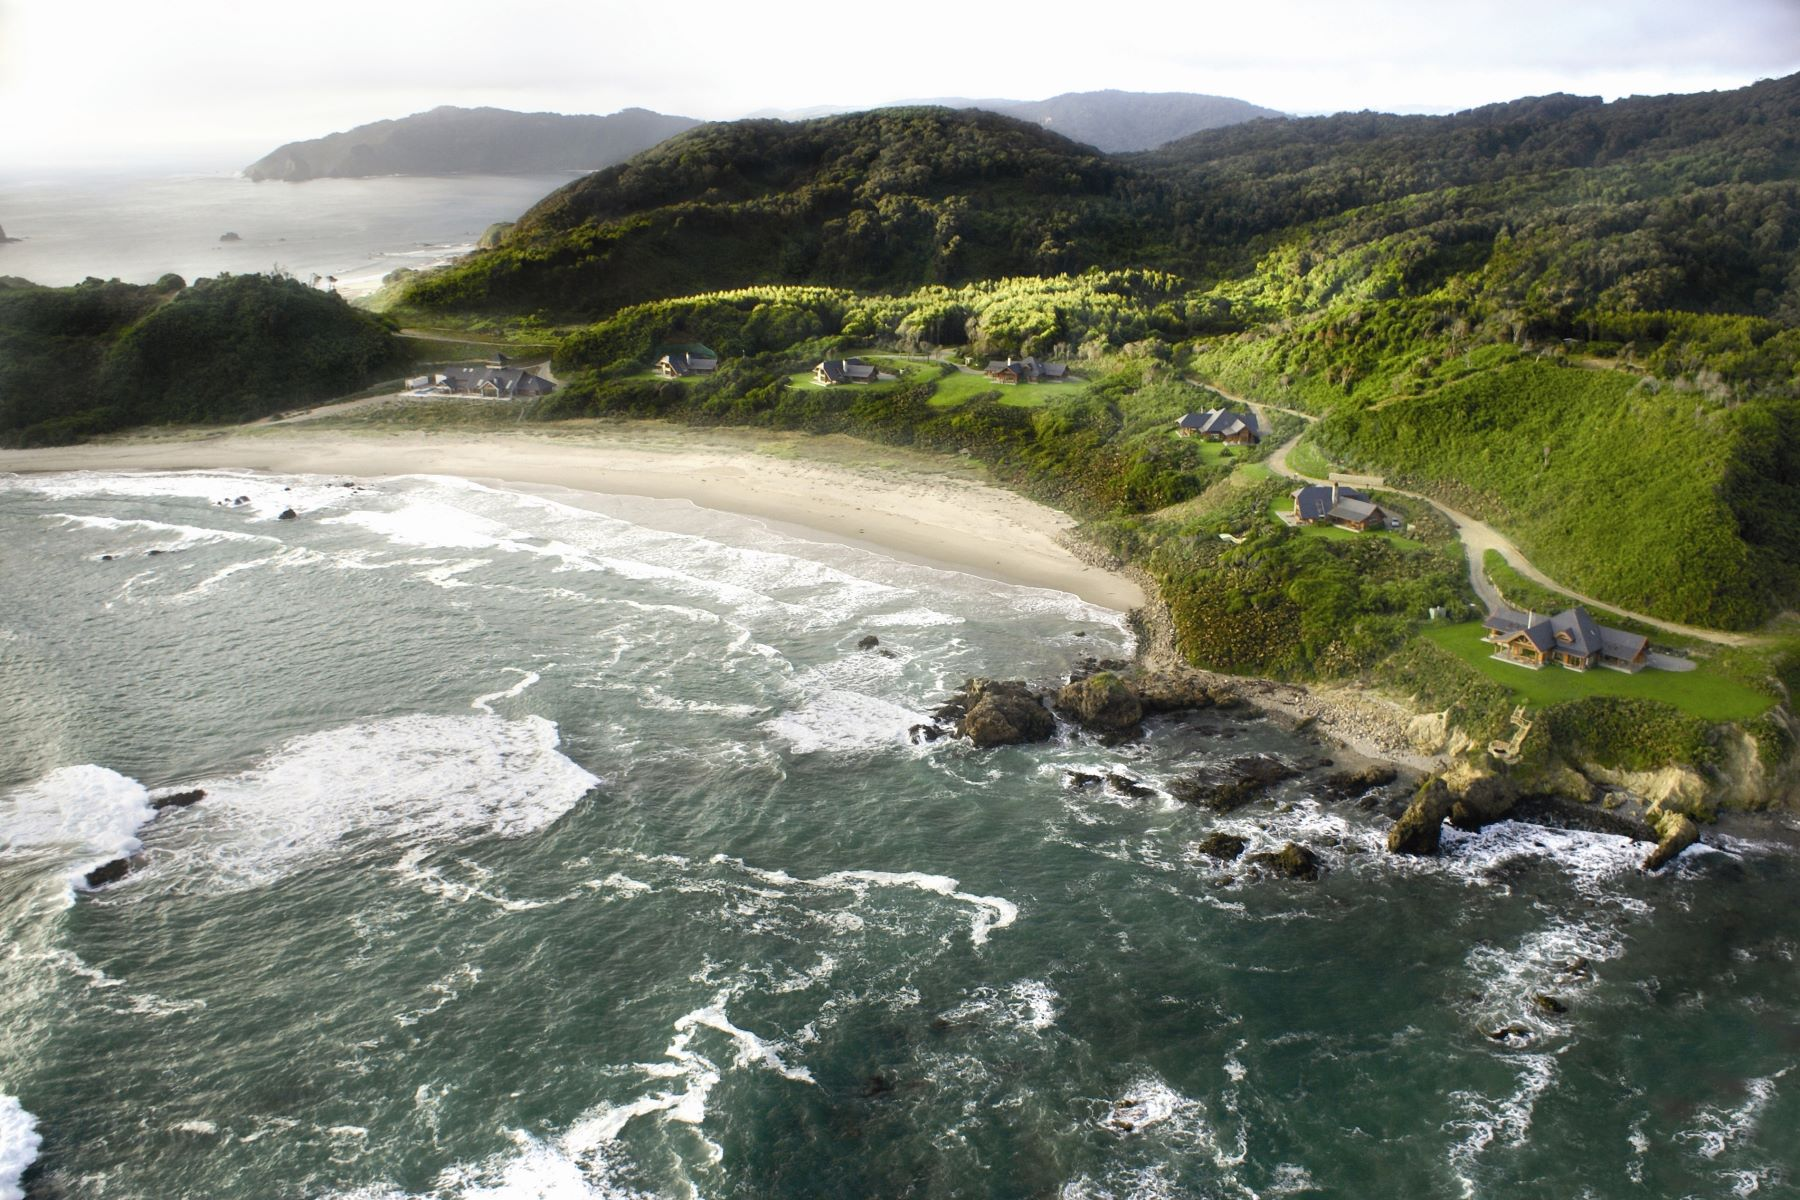 Ferme / Ranch / Plantation pour l Vente à The Cliffs Preserve - Eco Luxury Paradise Los Muermos, Puerto Montt, Los Lagos Chili